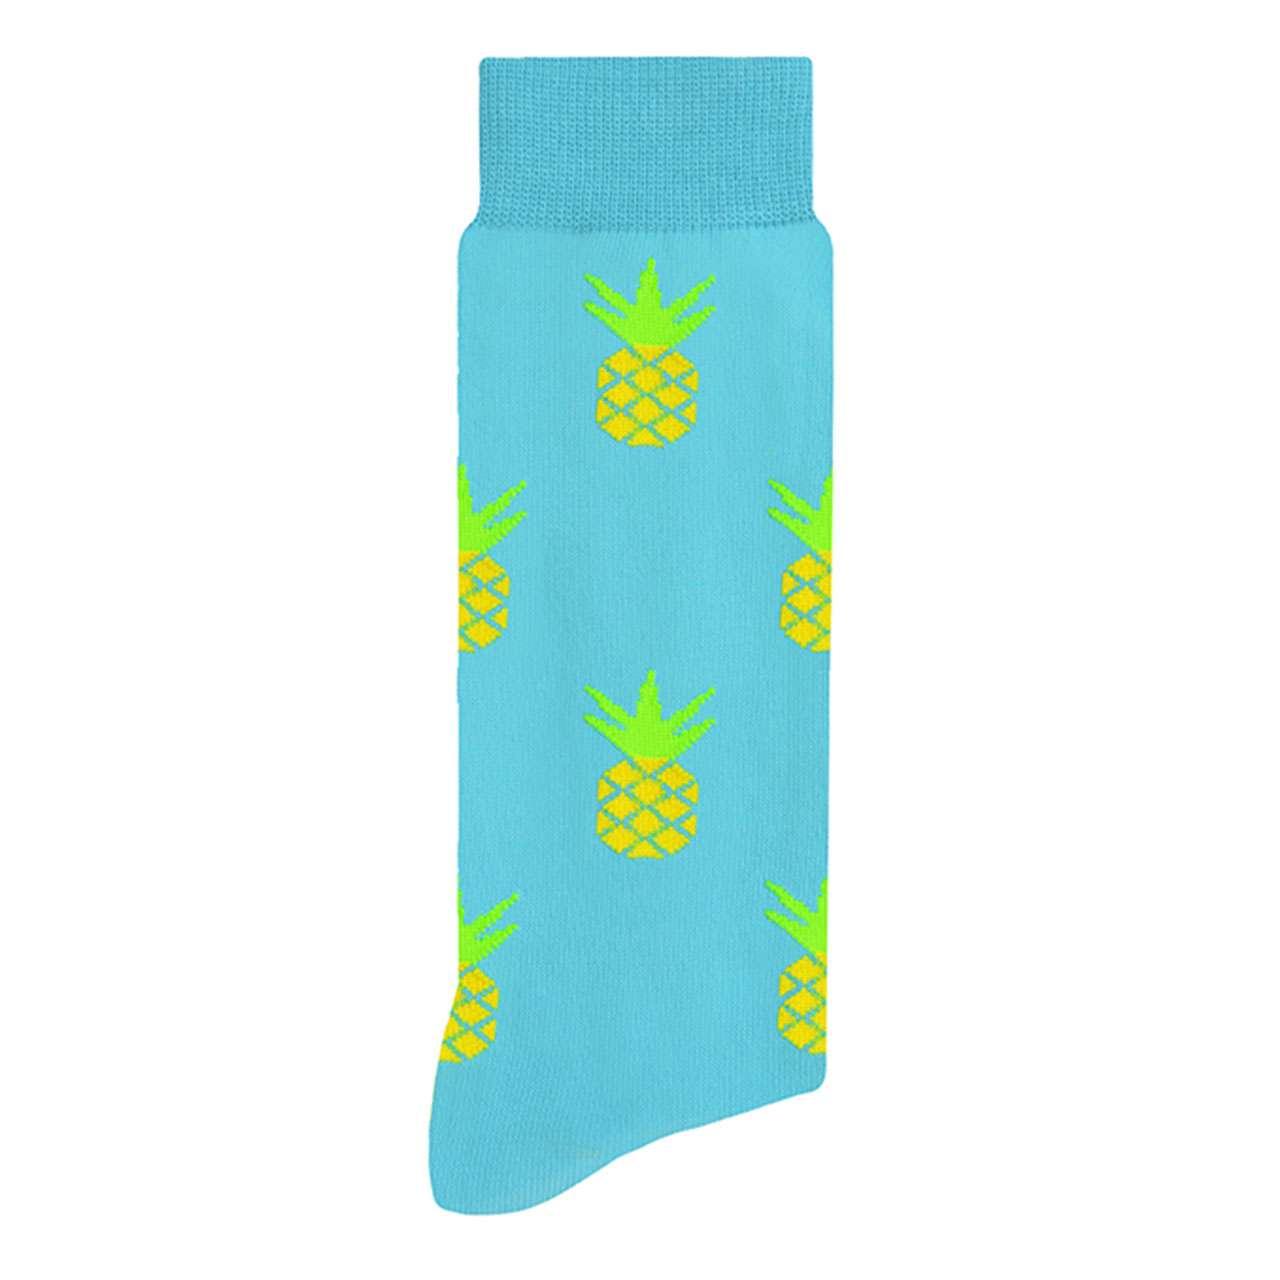 calcetin-de-pinas-azul-skunk-socks